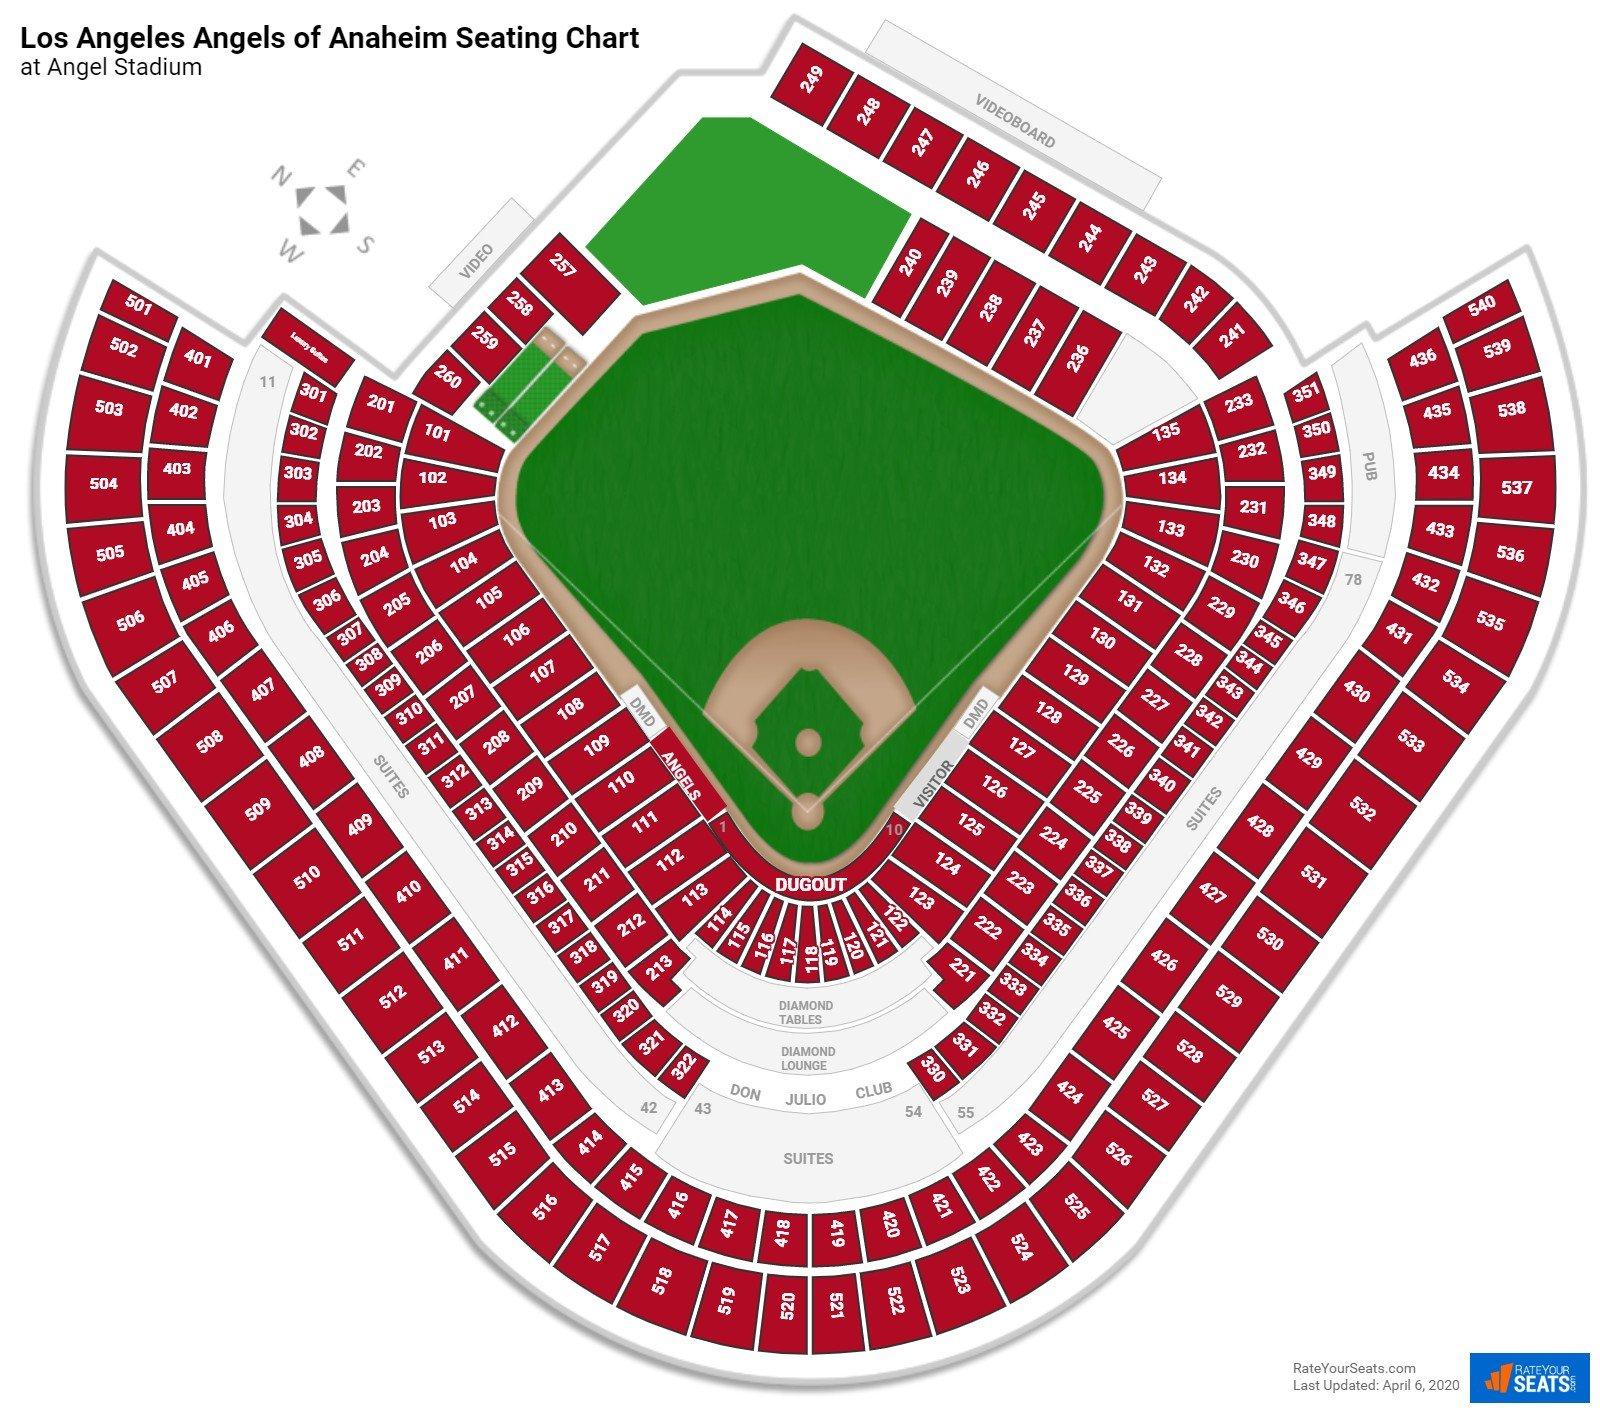 Anaheim Seating Charts At Angel Stadium